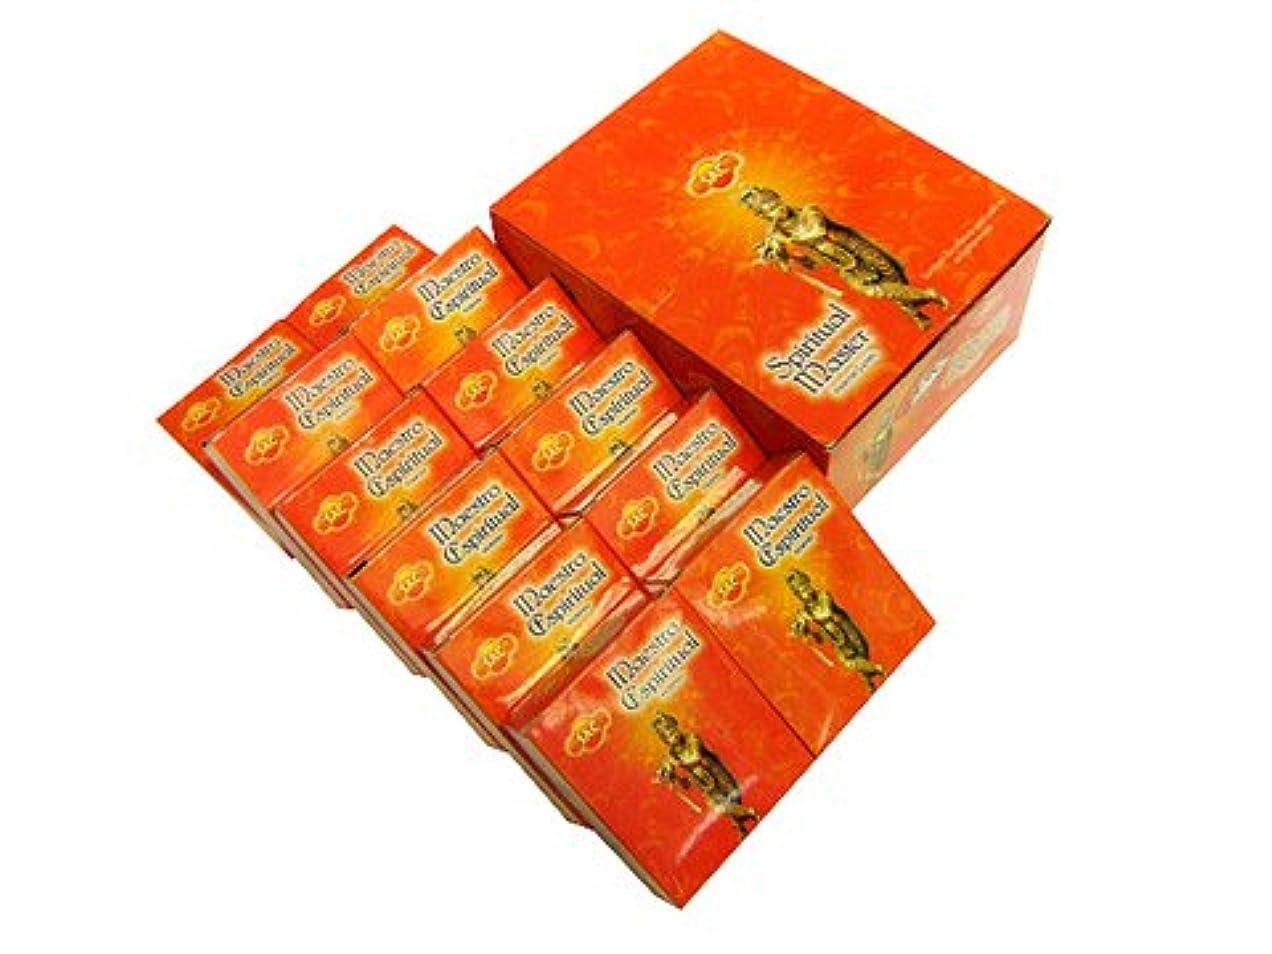 先生水平債務SANDESH SAC (サンデッシュ) スピリチュアルマスター香コーンタイプ SPIRITUAL MASTER CORN 12箱セット